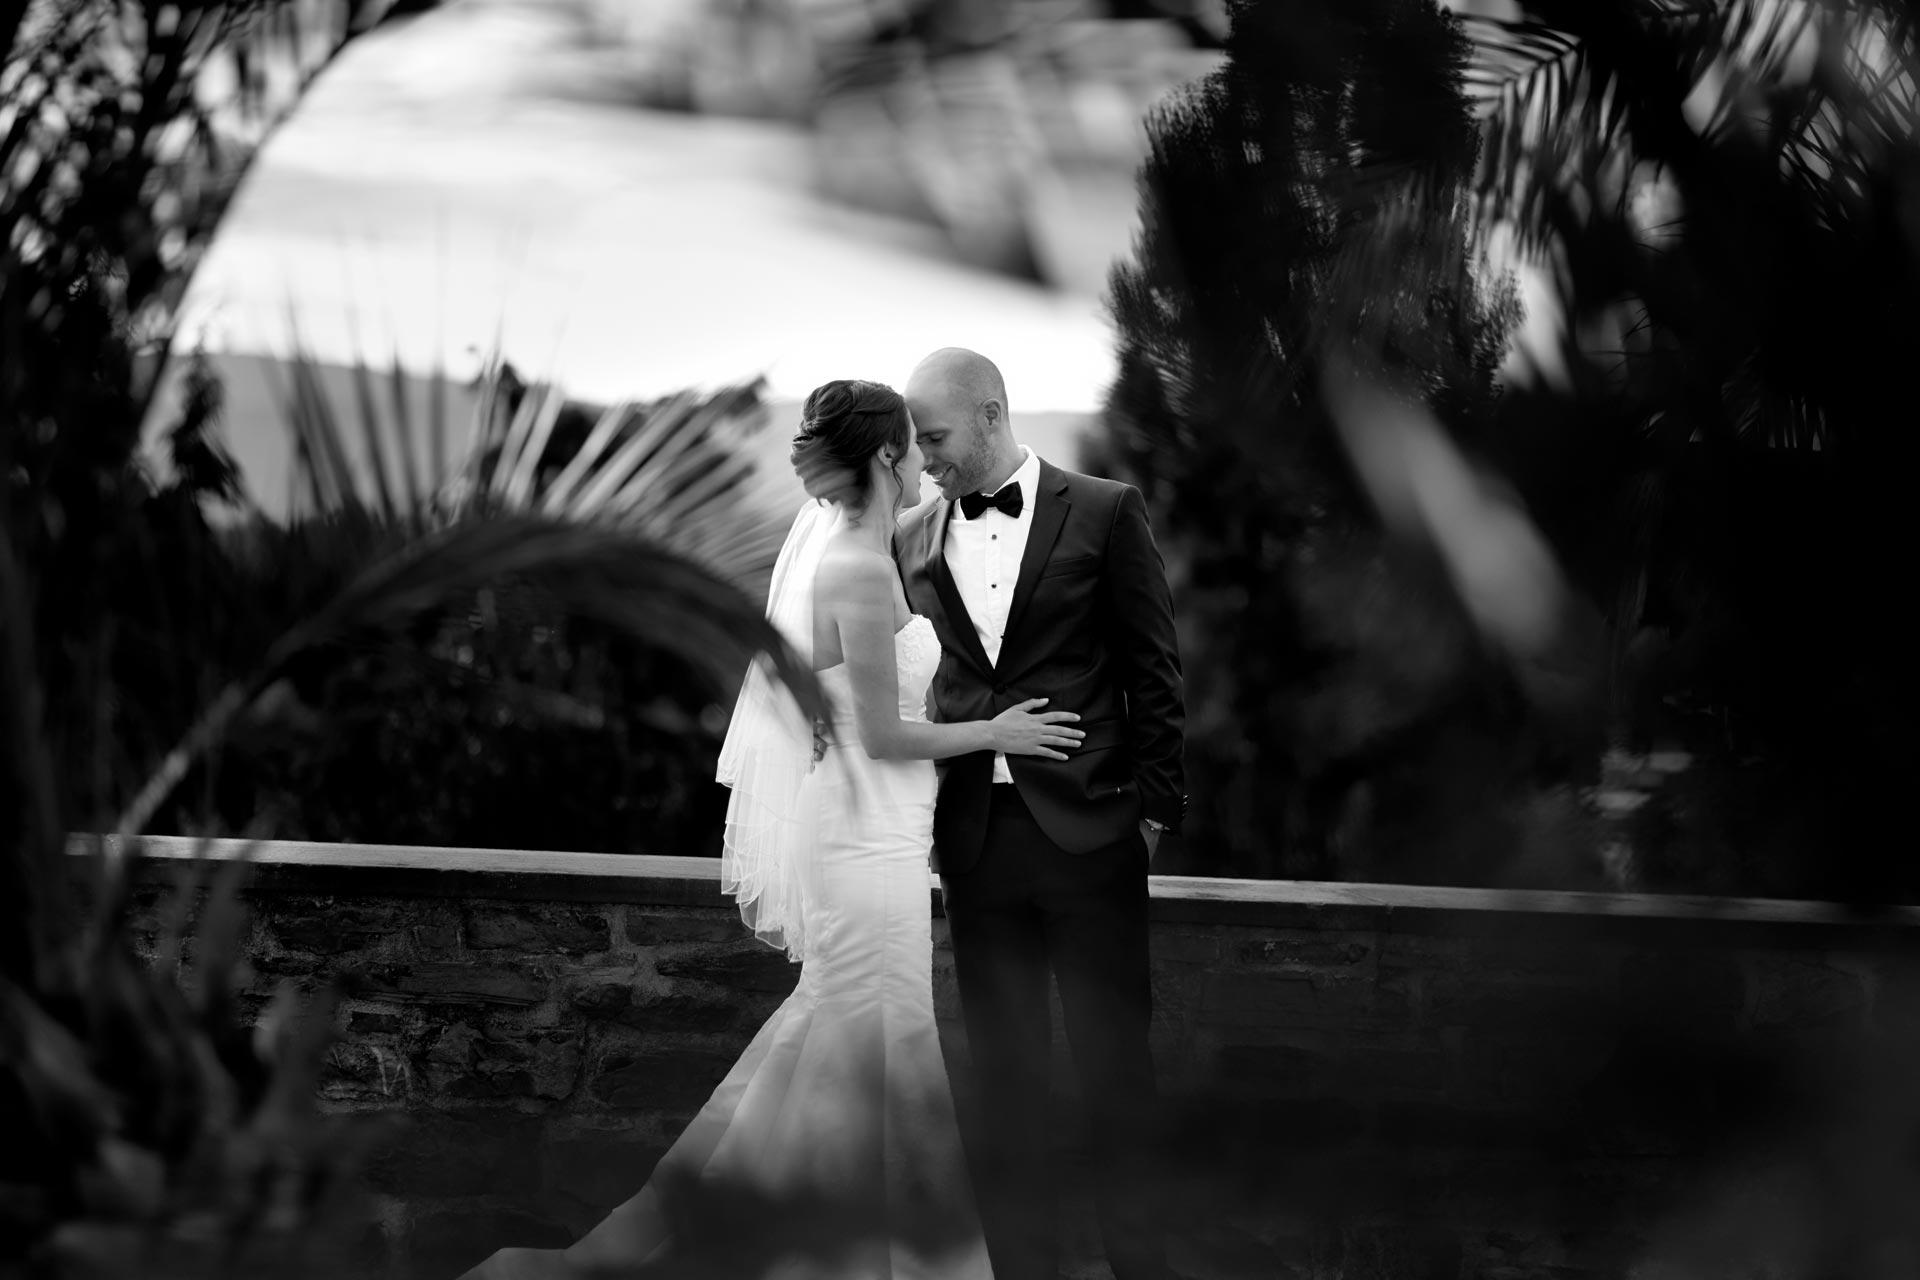 Florian Heurich: Wunderbar zeitlose Hochzeitsbilder, die dem Paar in einem Fotobuch ein Leben lang Freude bereiten werden